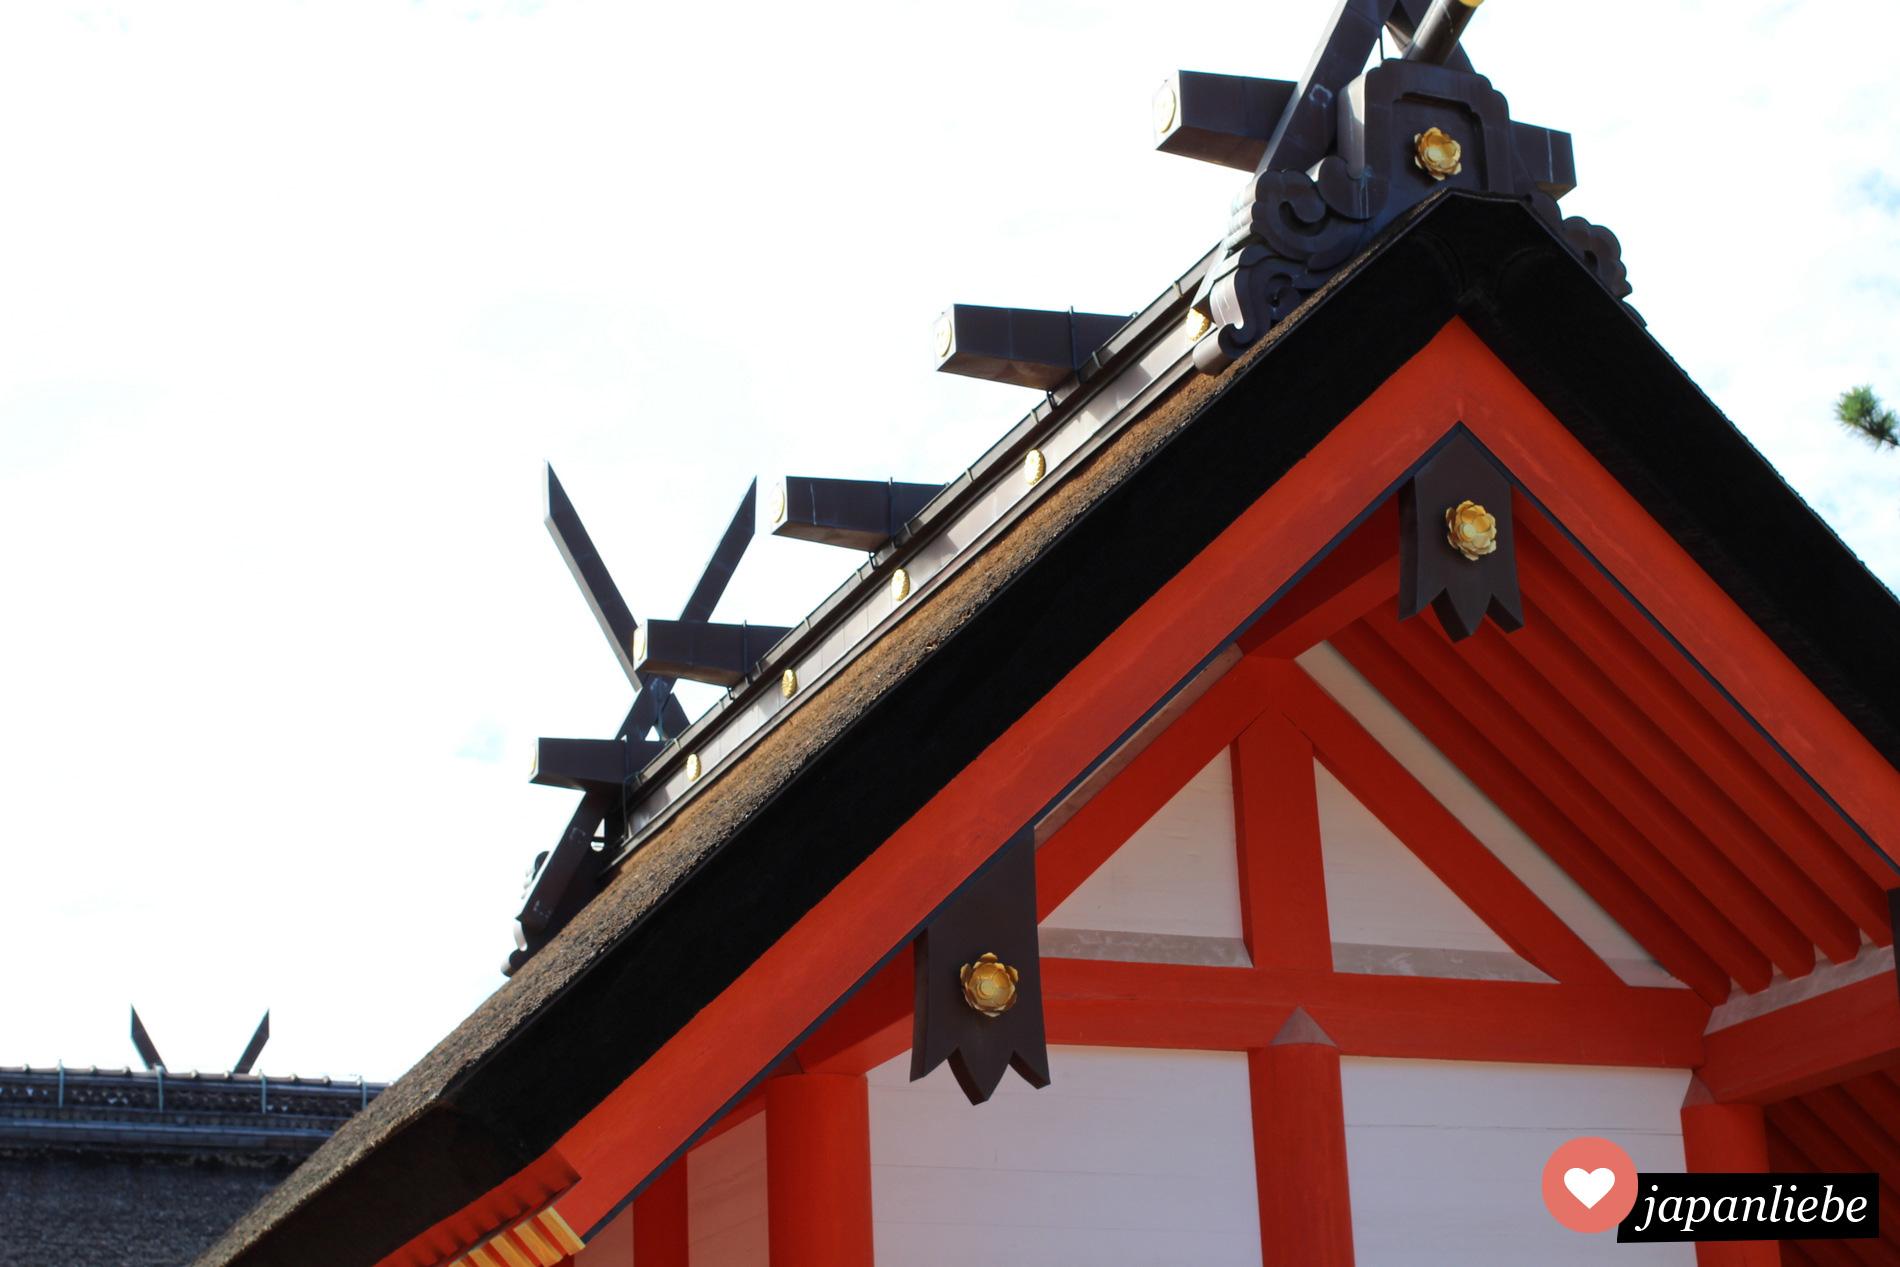 Am Dachfirst erkennt man, in welchem Stil ein Shintō-Schrein gebaut wurde.